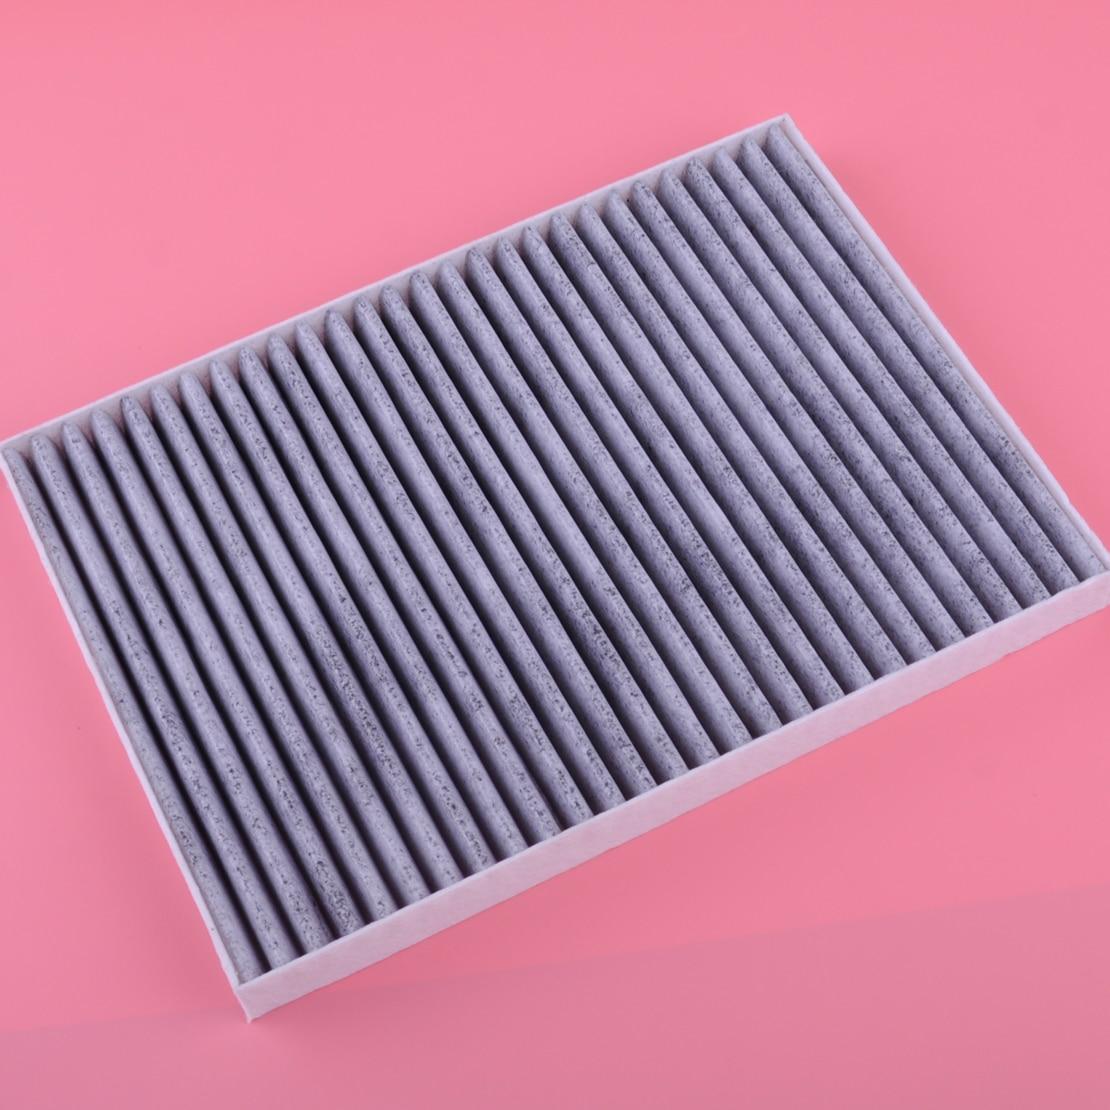 Filtro de aire de cabina de repuesto para coche beler, tela no tejida apta para Nissan Sentra Rogue Select 27277-EN000